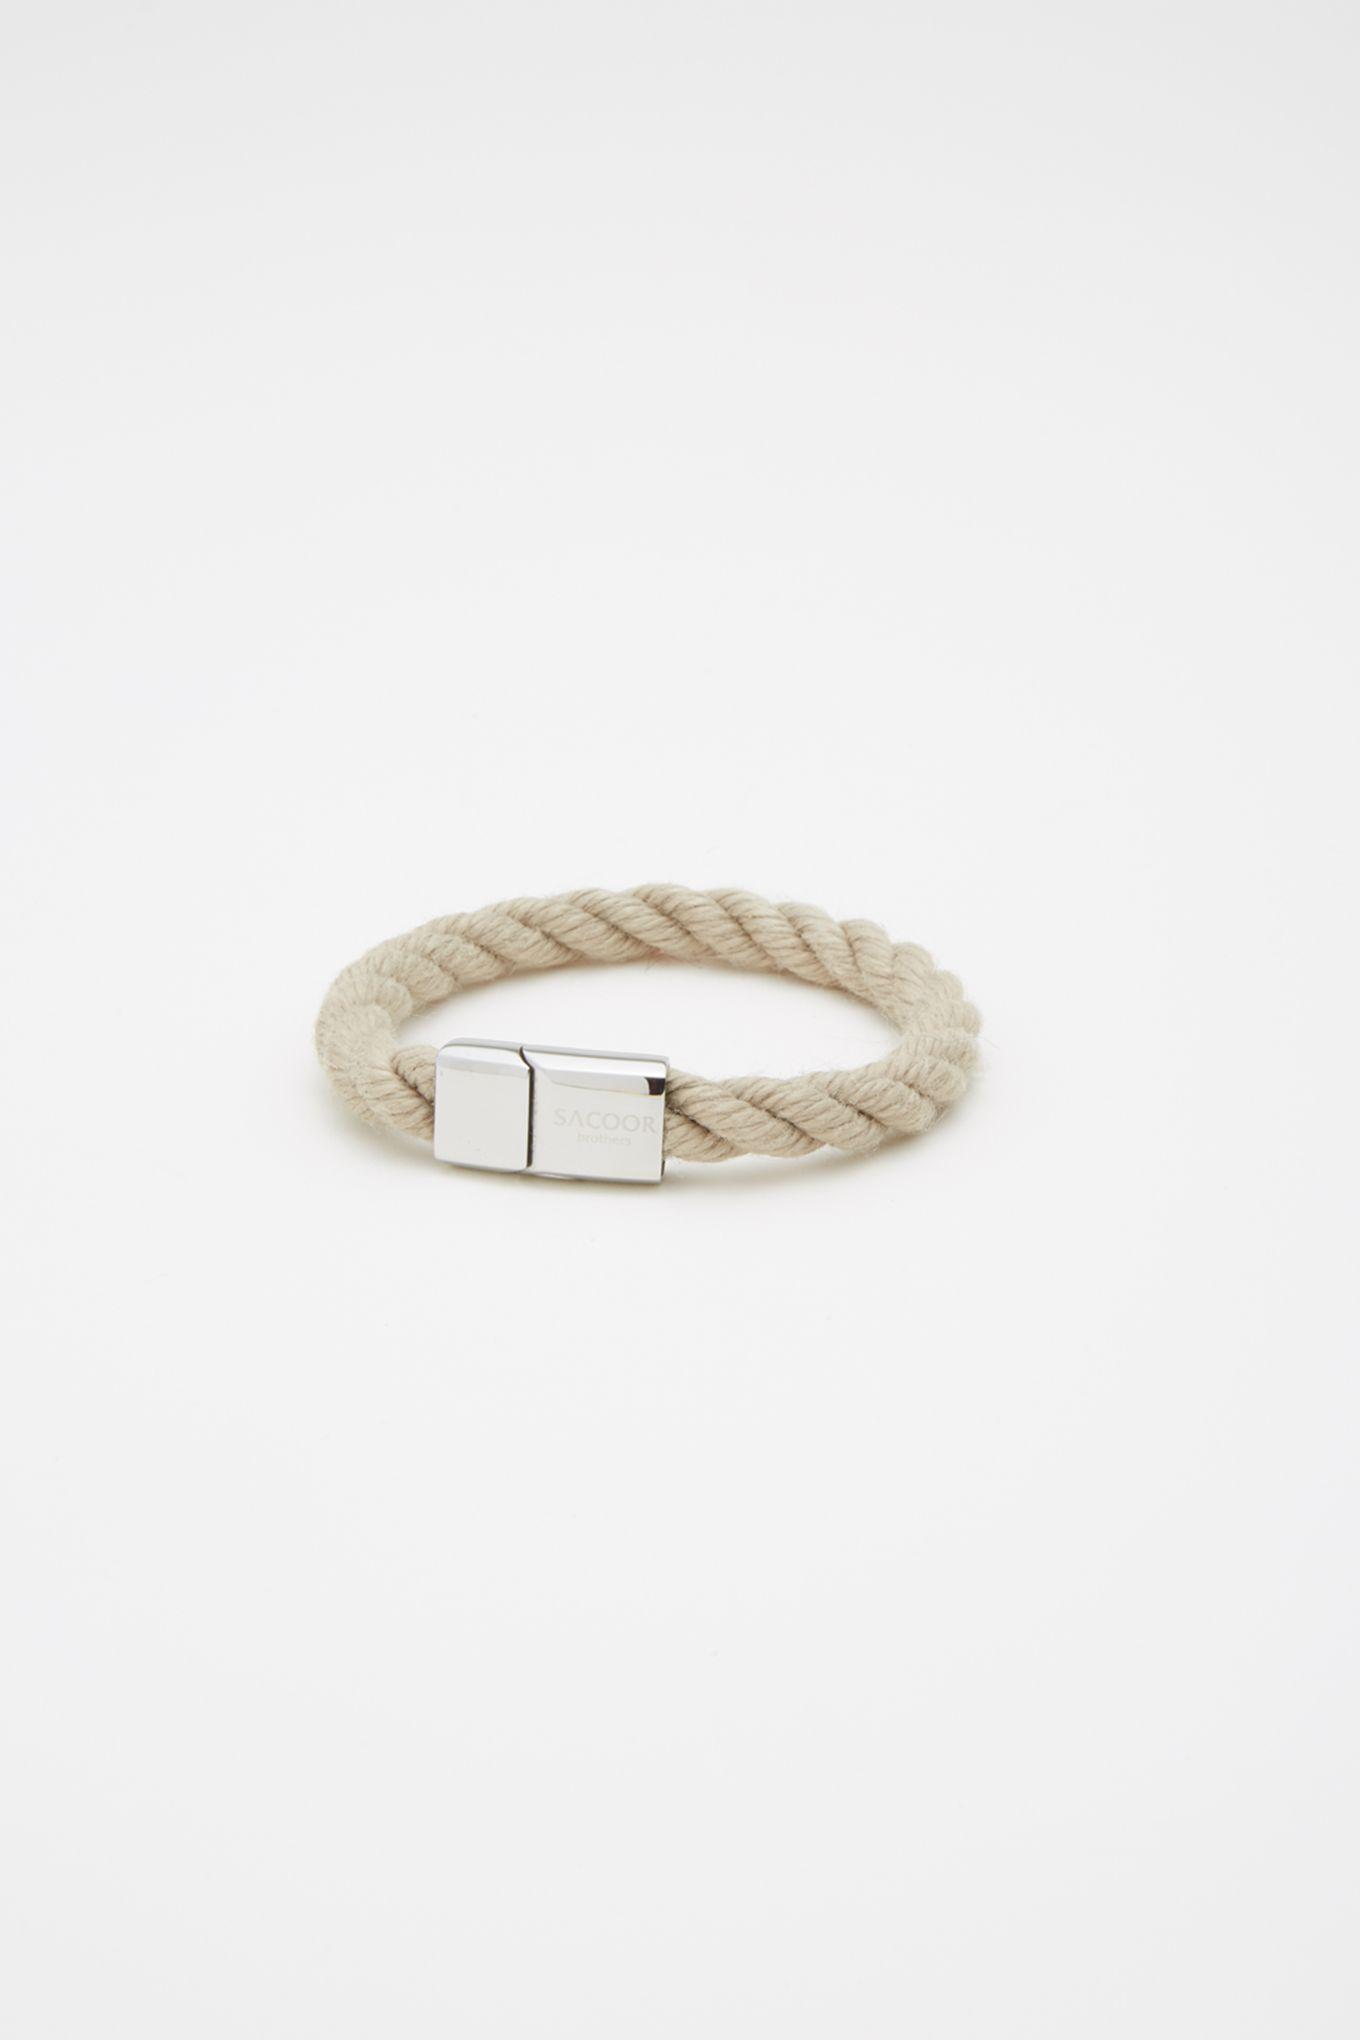 Mens strand bracelet